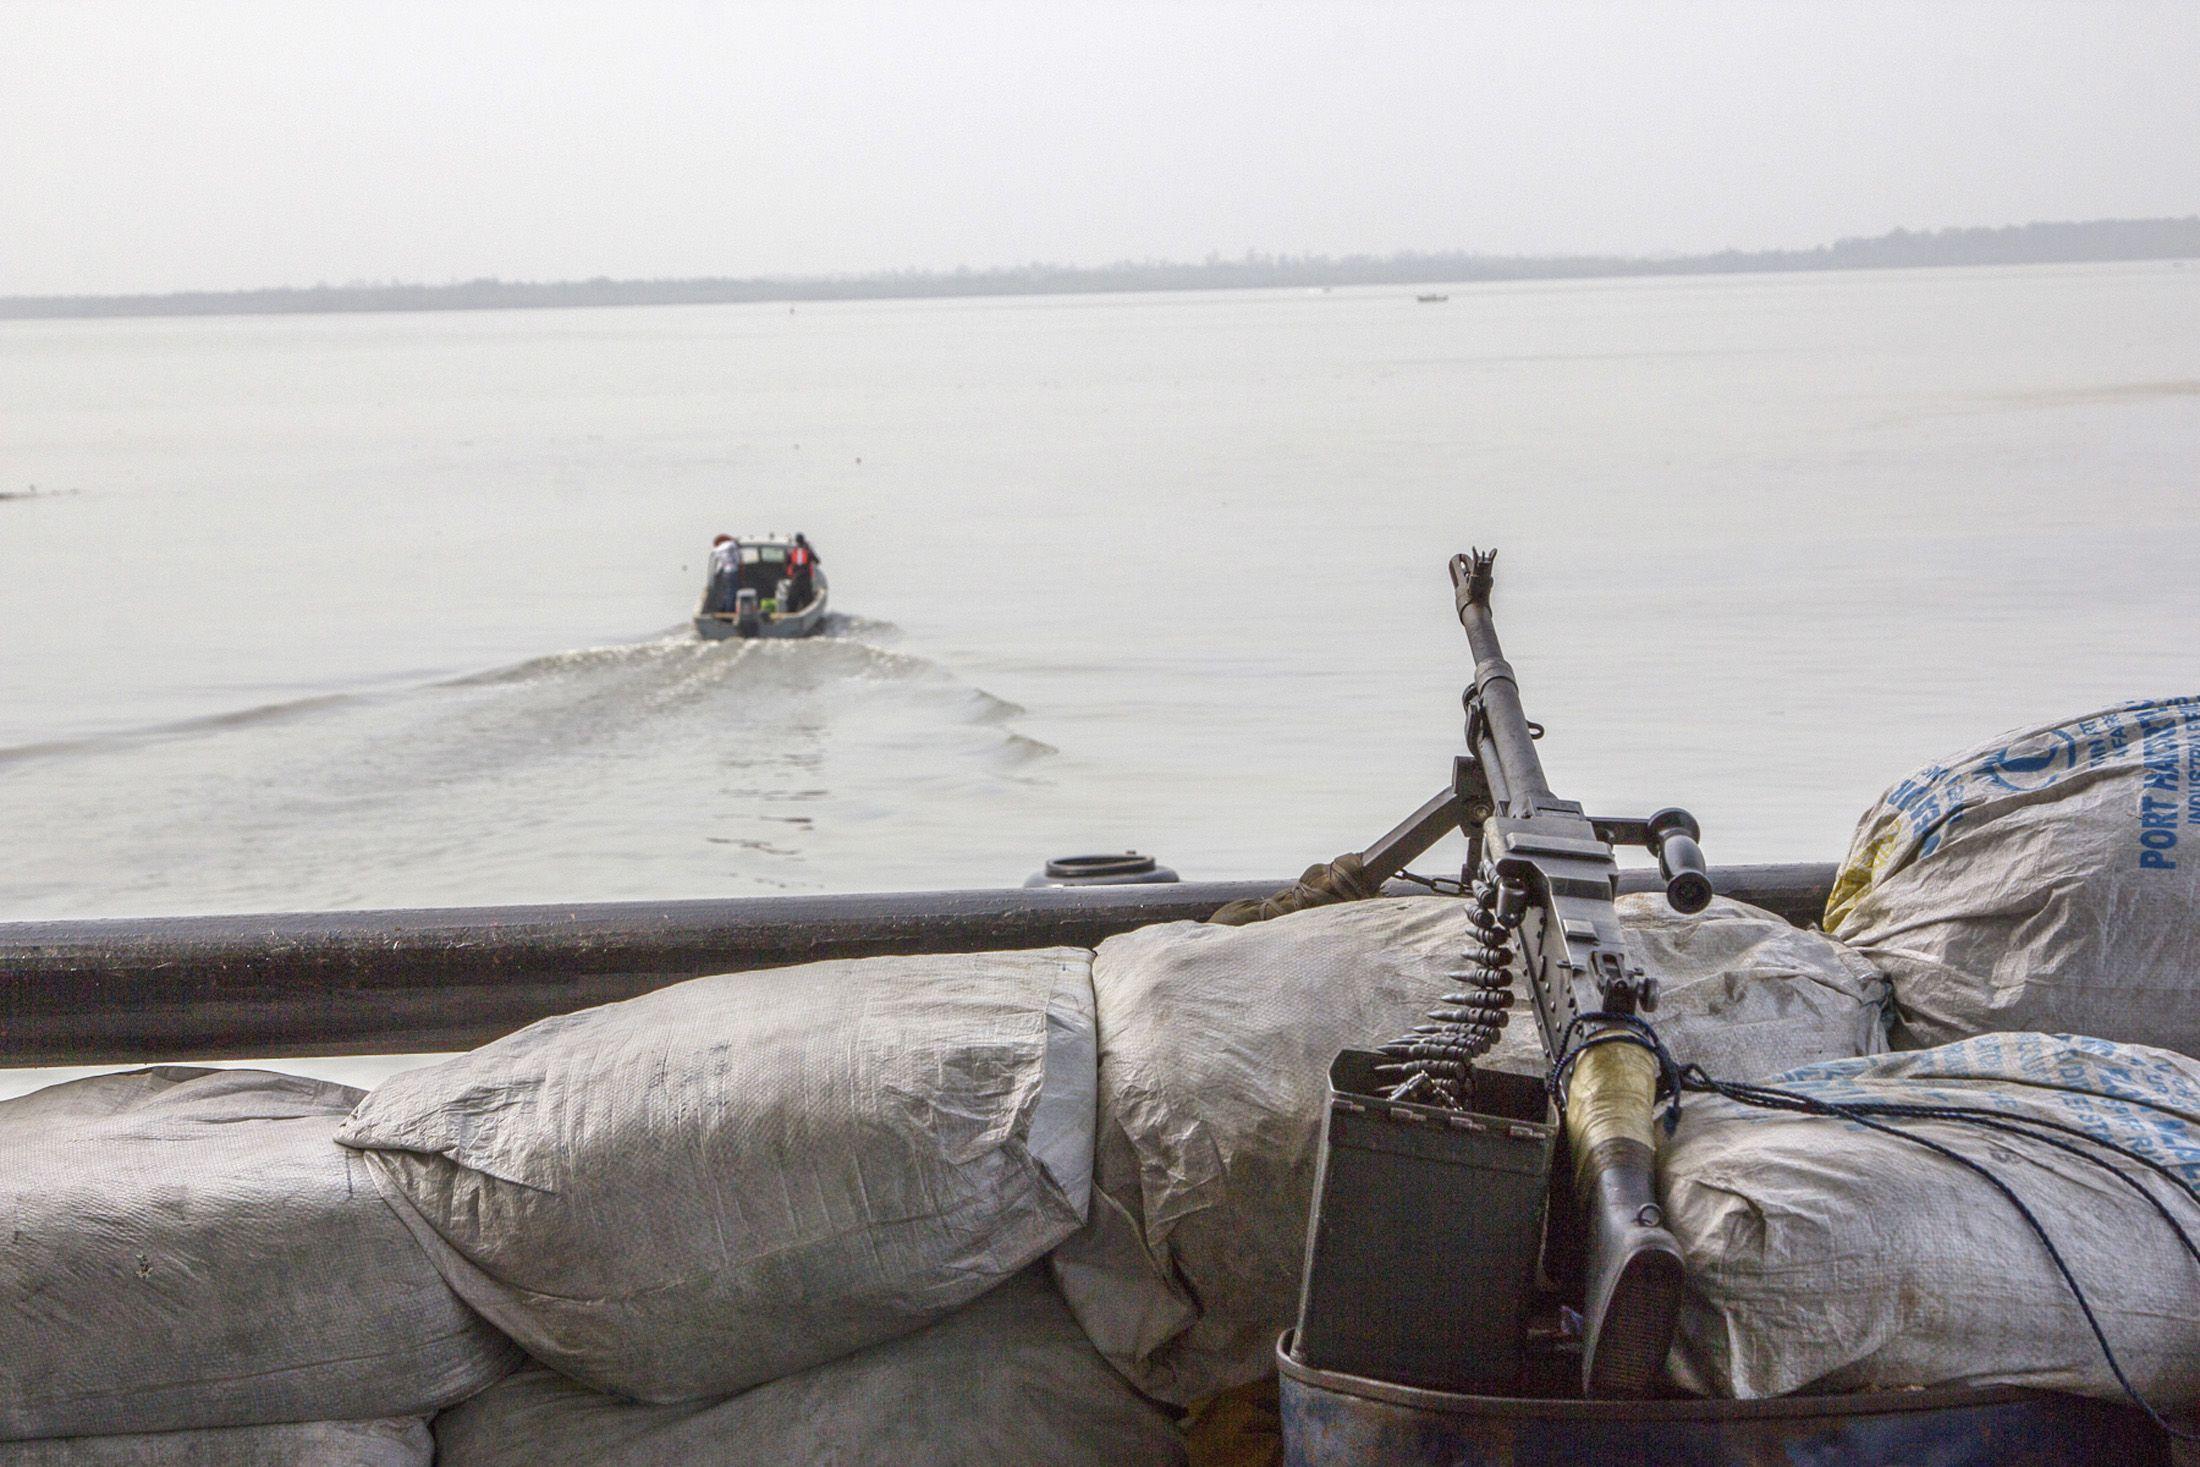 A machine gun on a boat in Nigeria's Bayelsa state.